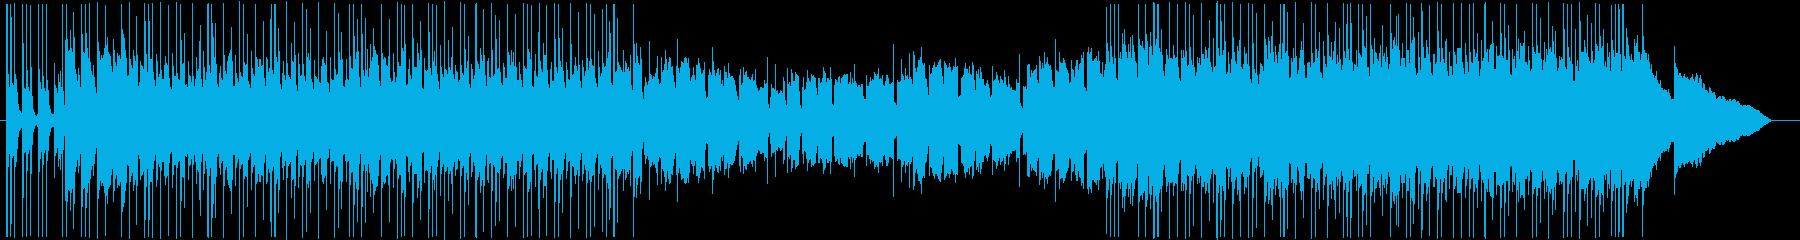 様々なシーンに使えるポップなロックの再生済みの波形